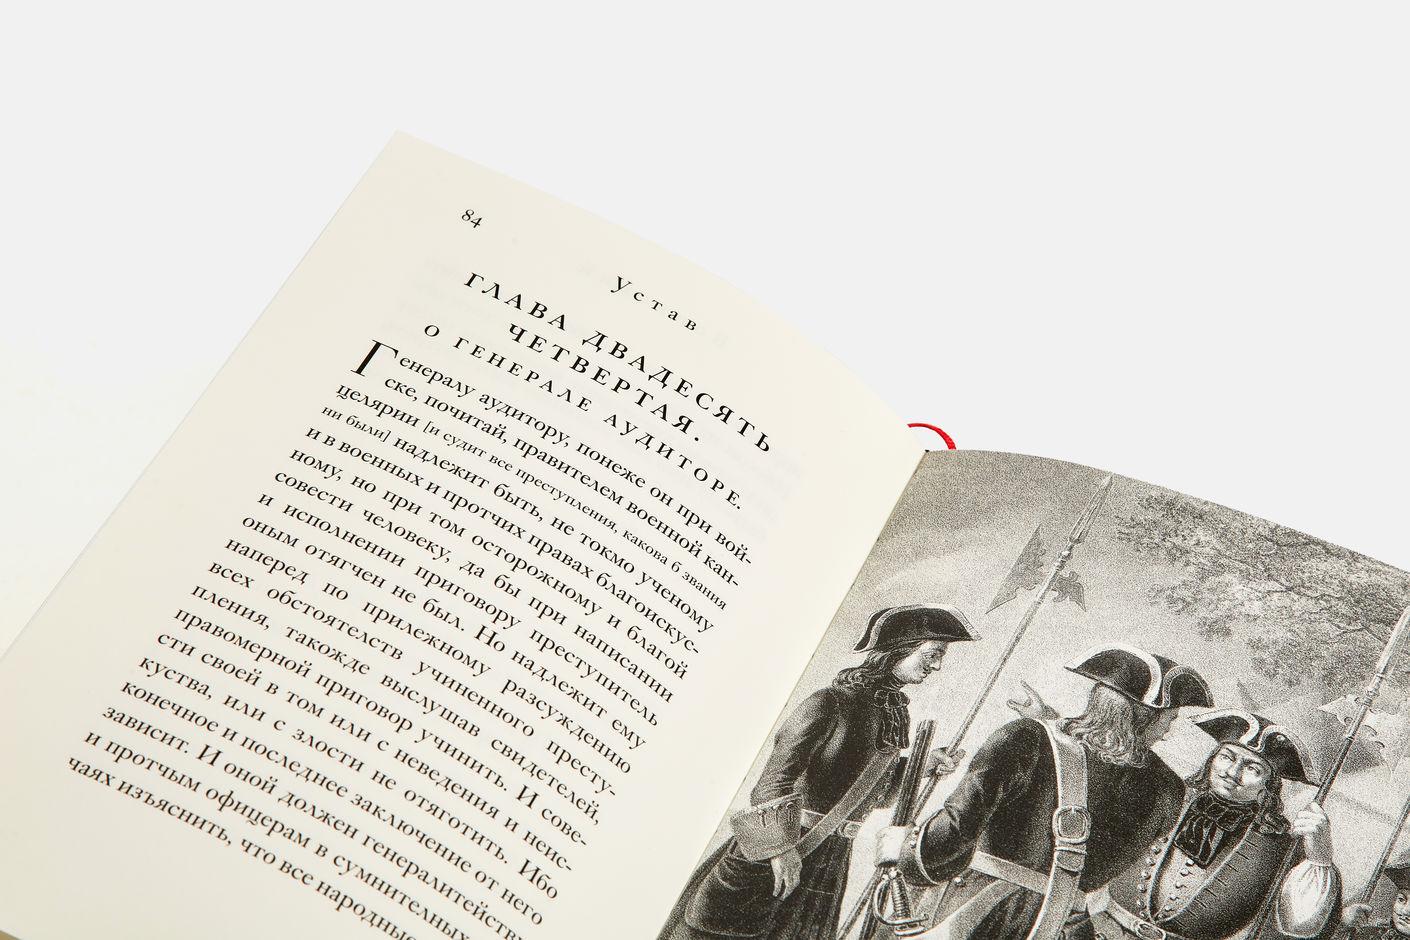 Книга Воинский устав, партнерский проект Издательской группы Агей Томеш и Школы дизайна НИУ ВШЭ - hsedesignlab.ru